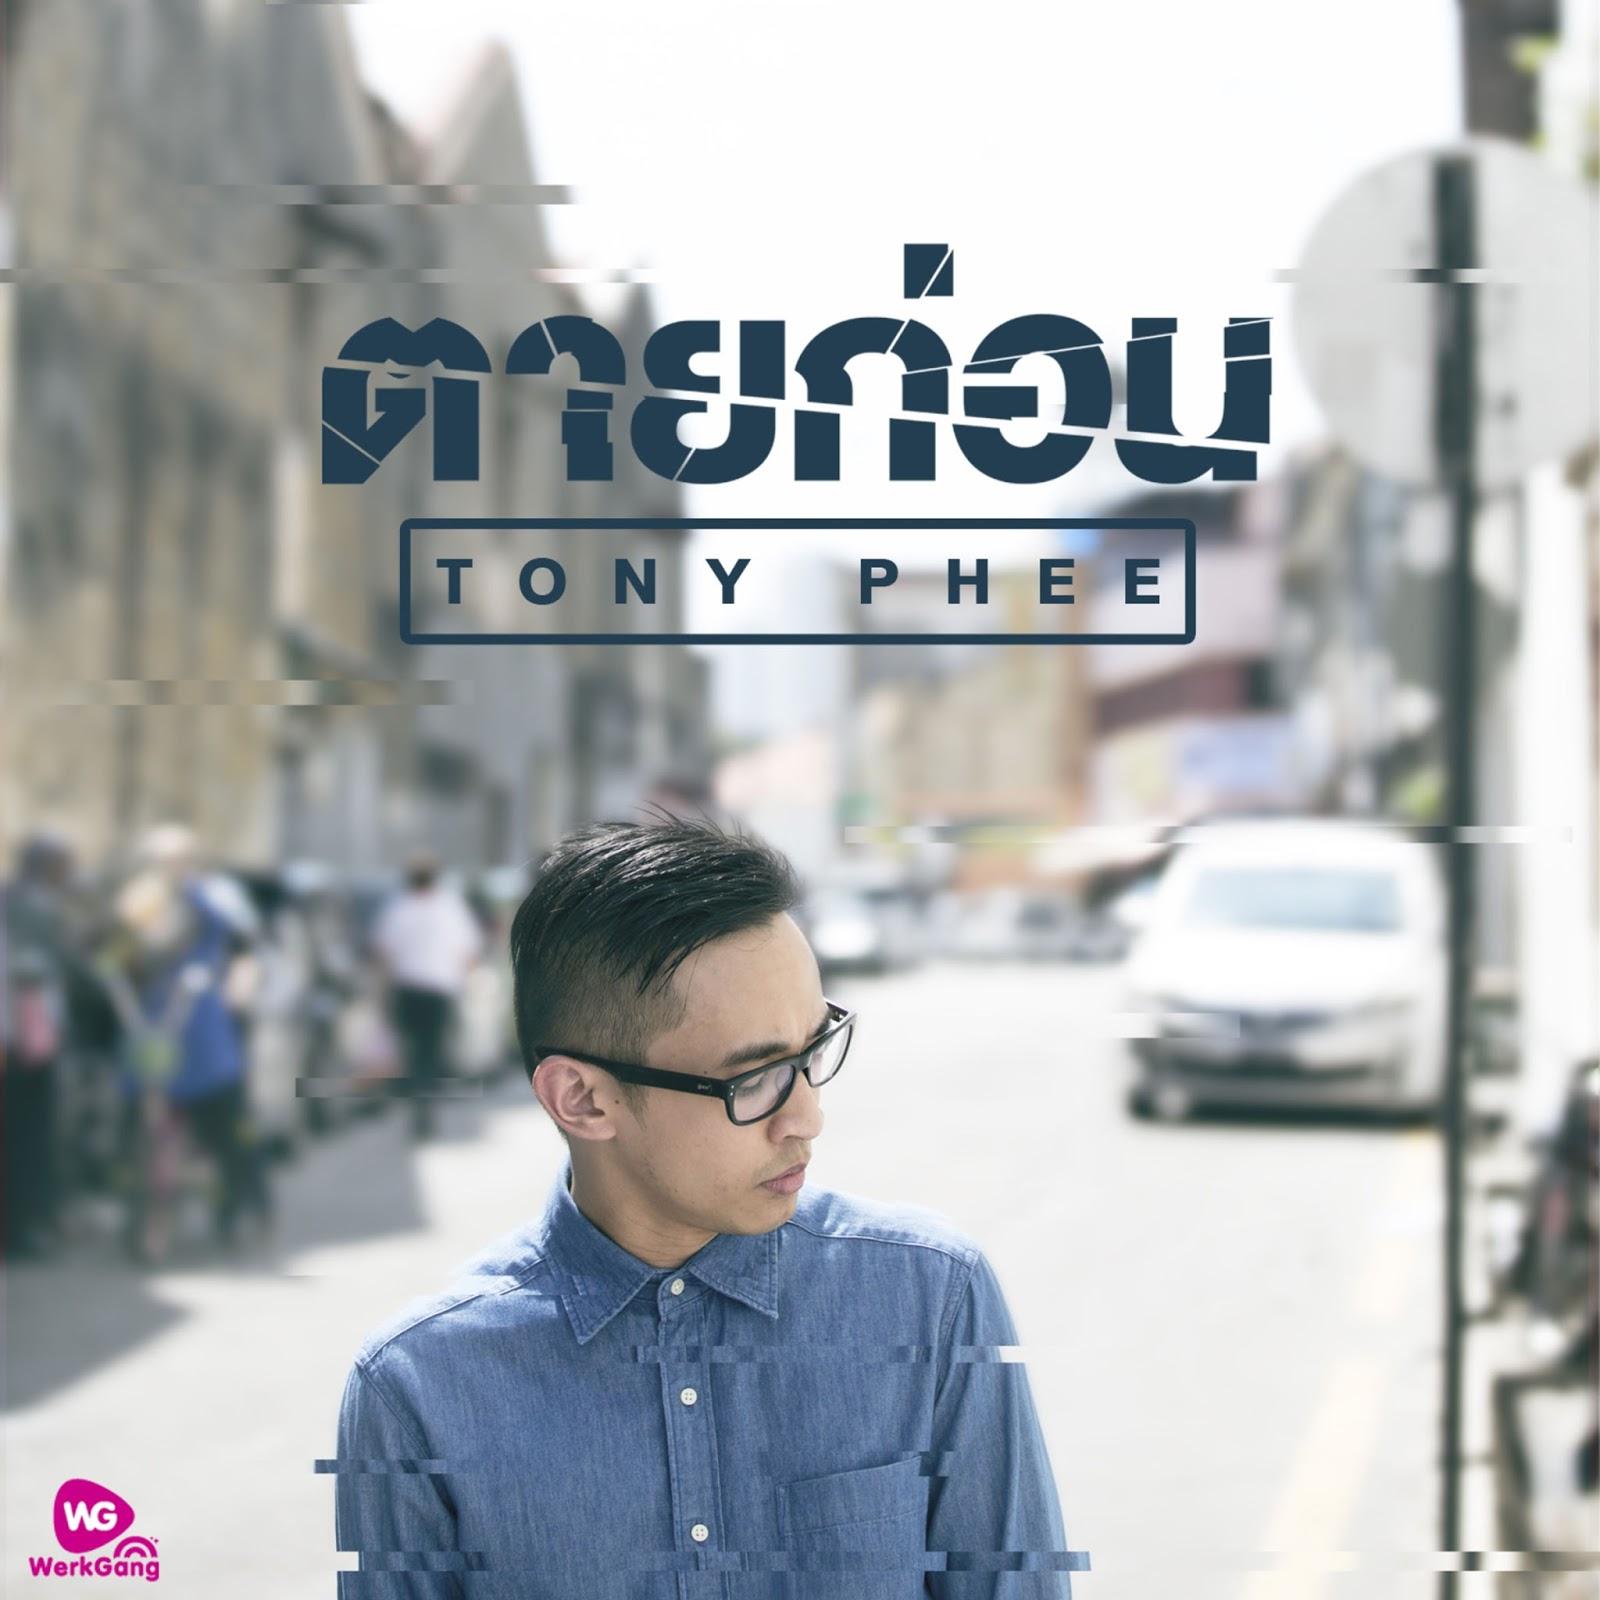 Tony Phee